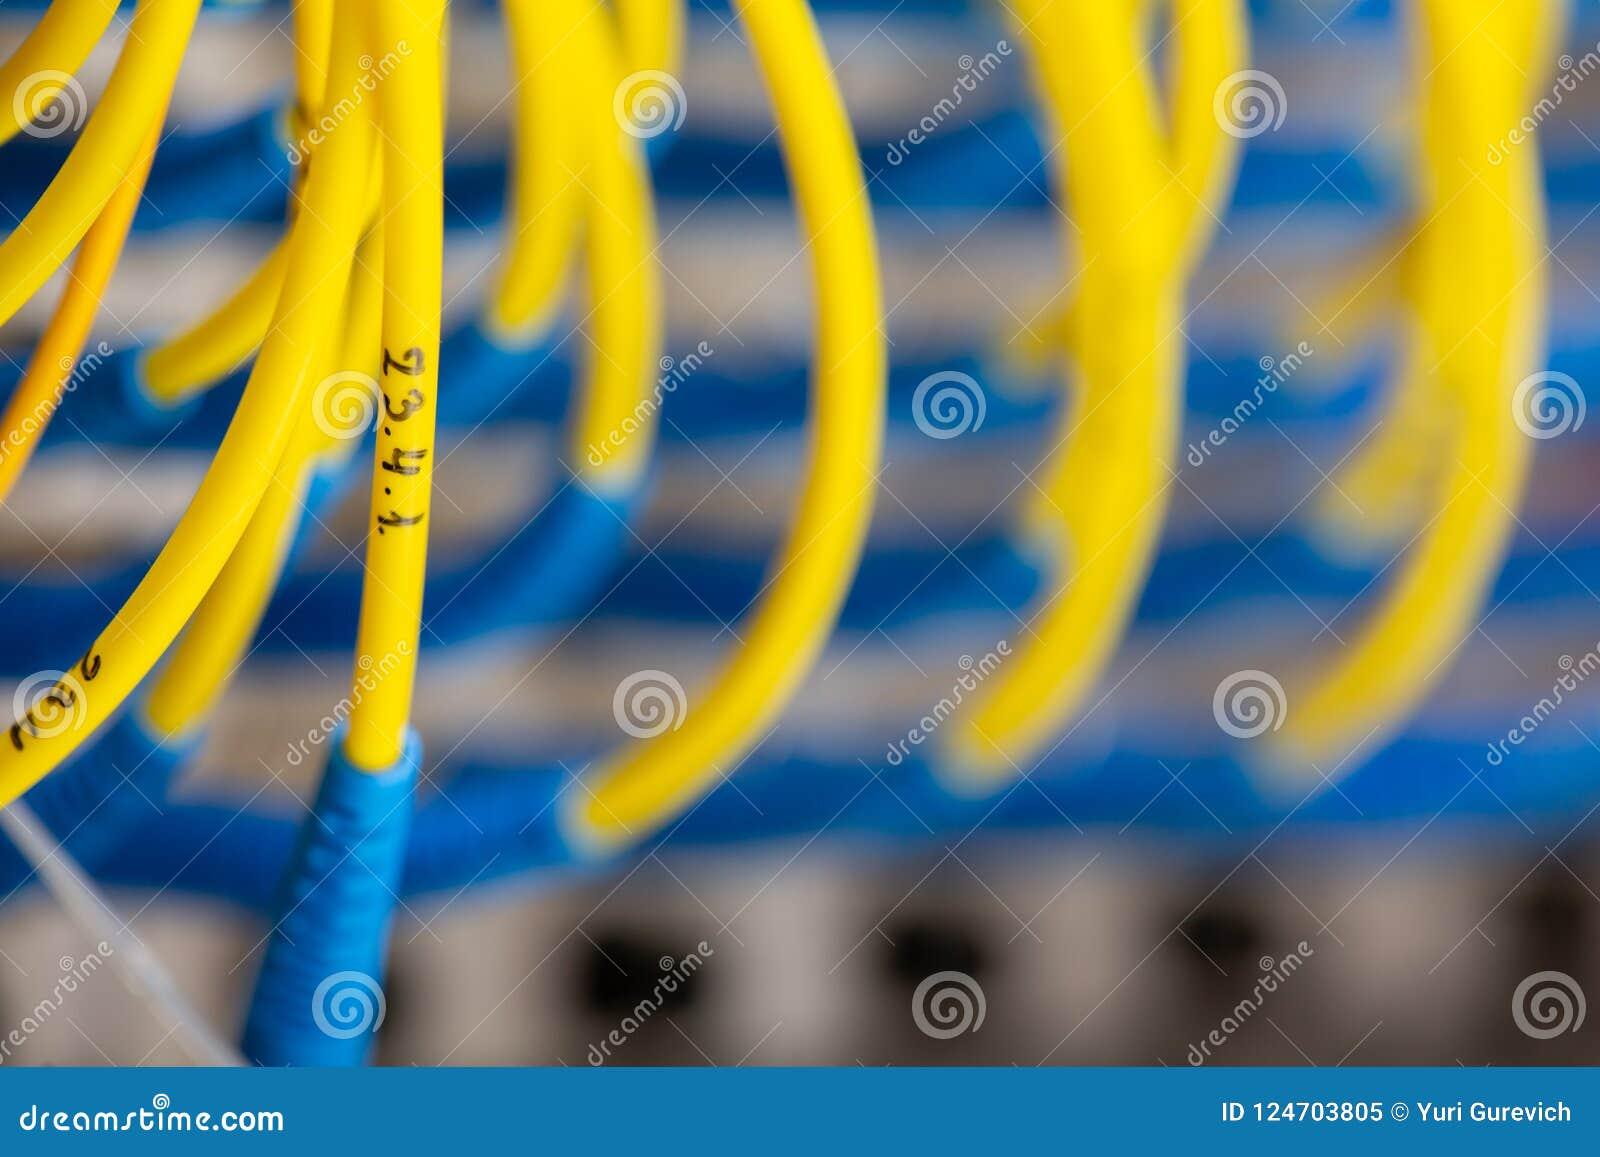 La parte delantera del servidor que mostraba los interruptores coloridos y que ataba con alambre el extracto empañó la imagen par